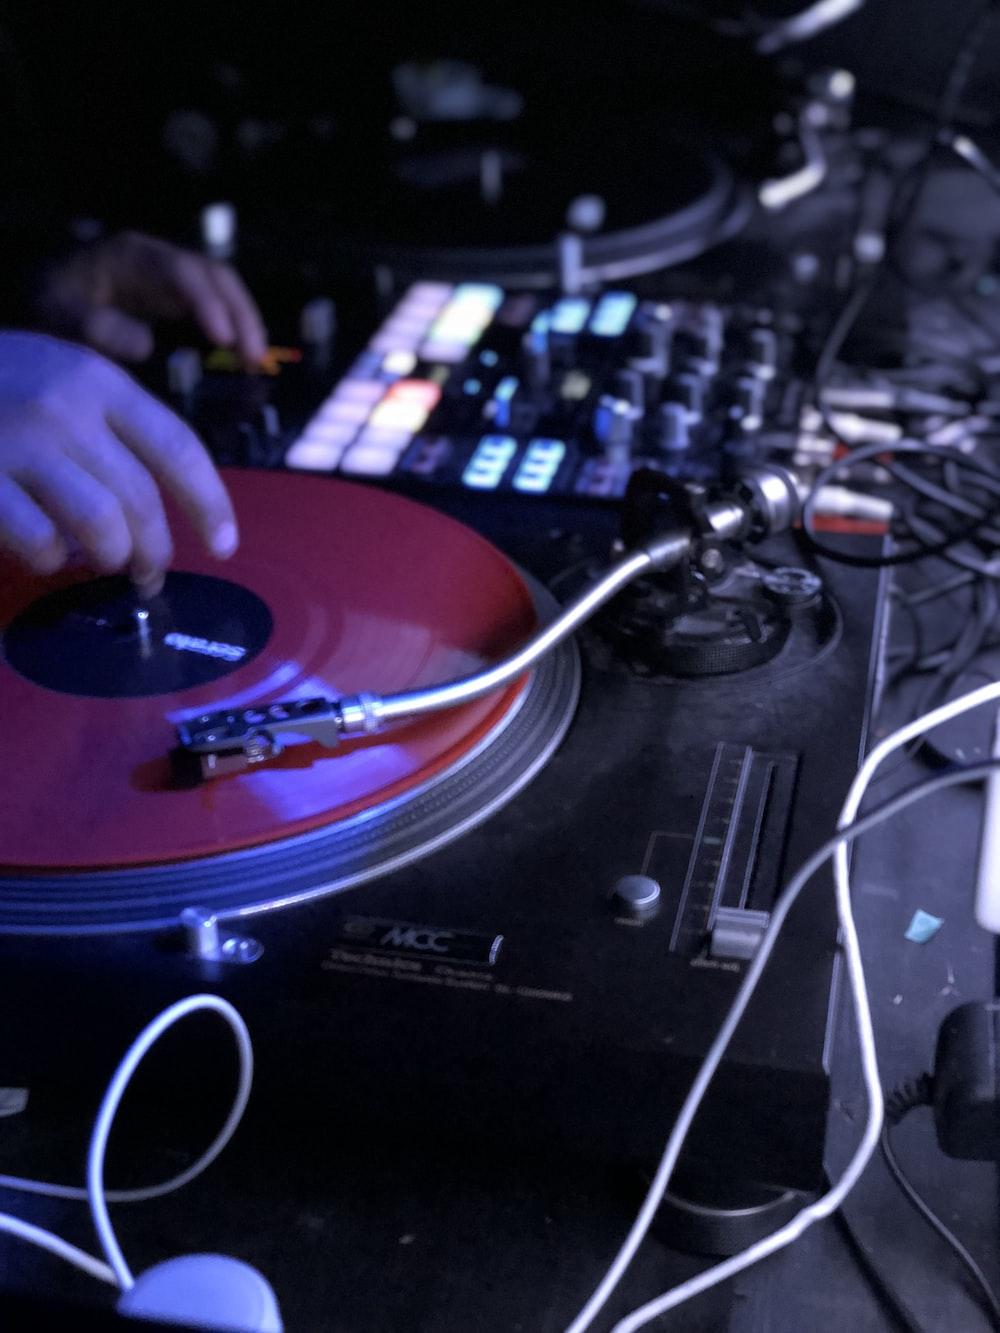 DJ playing on turntable